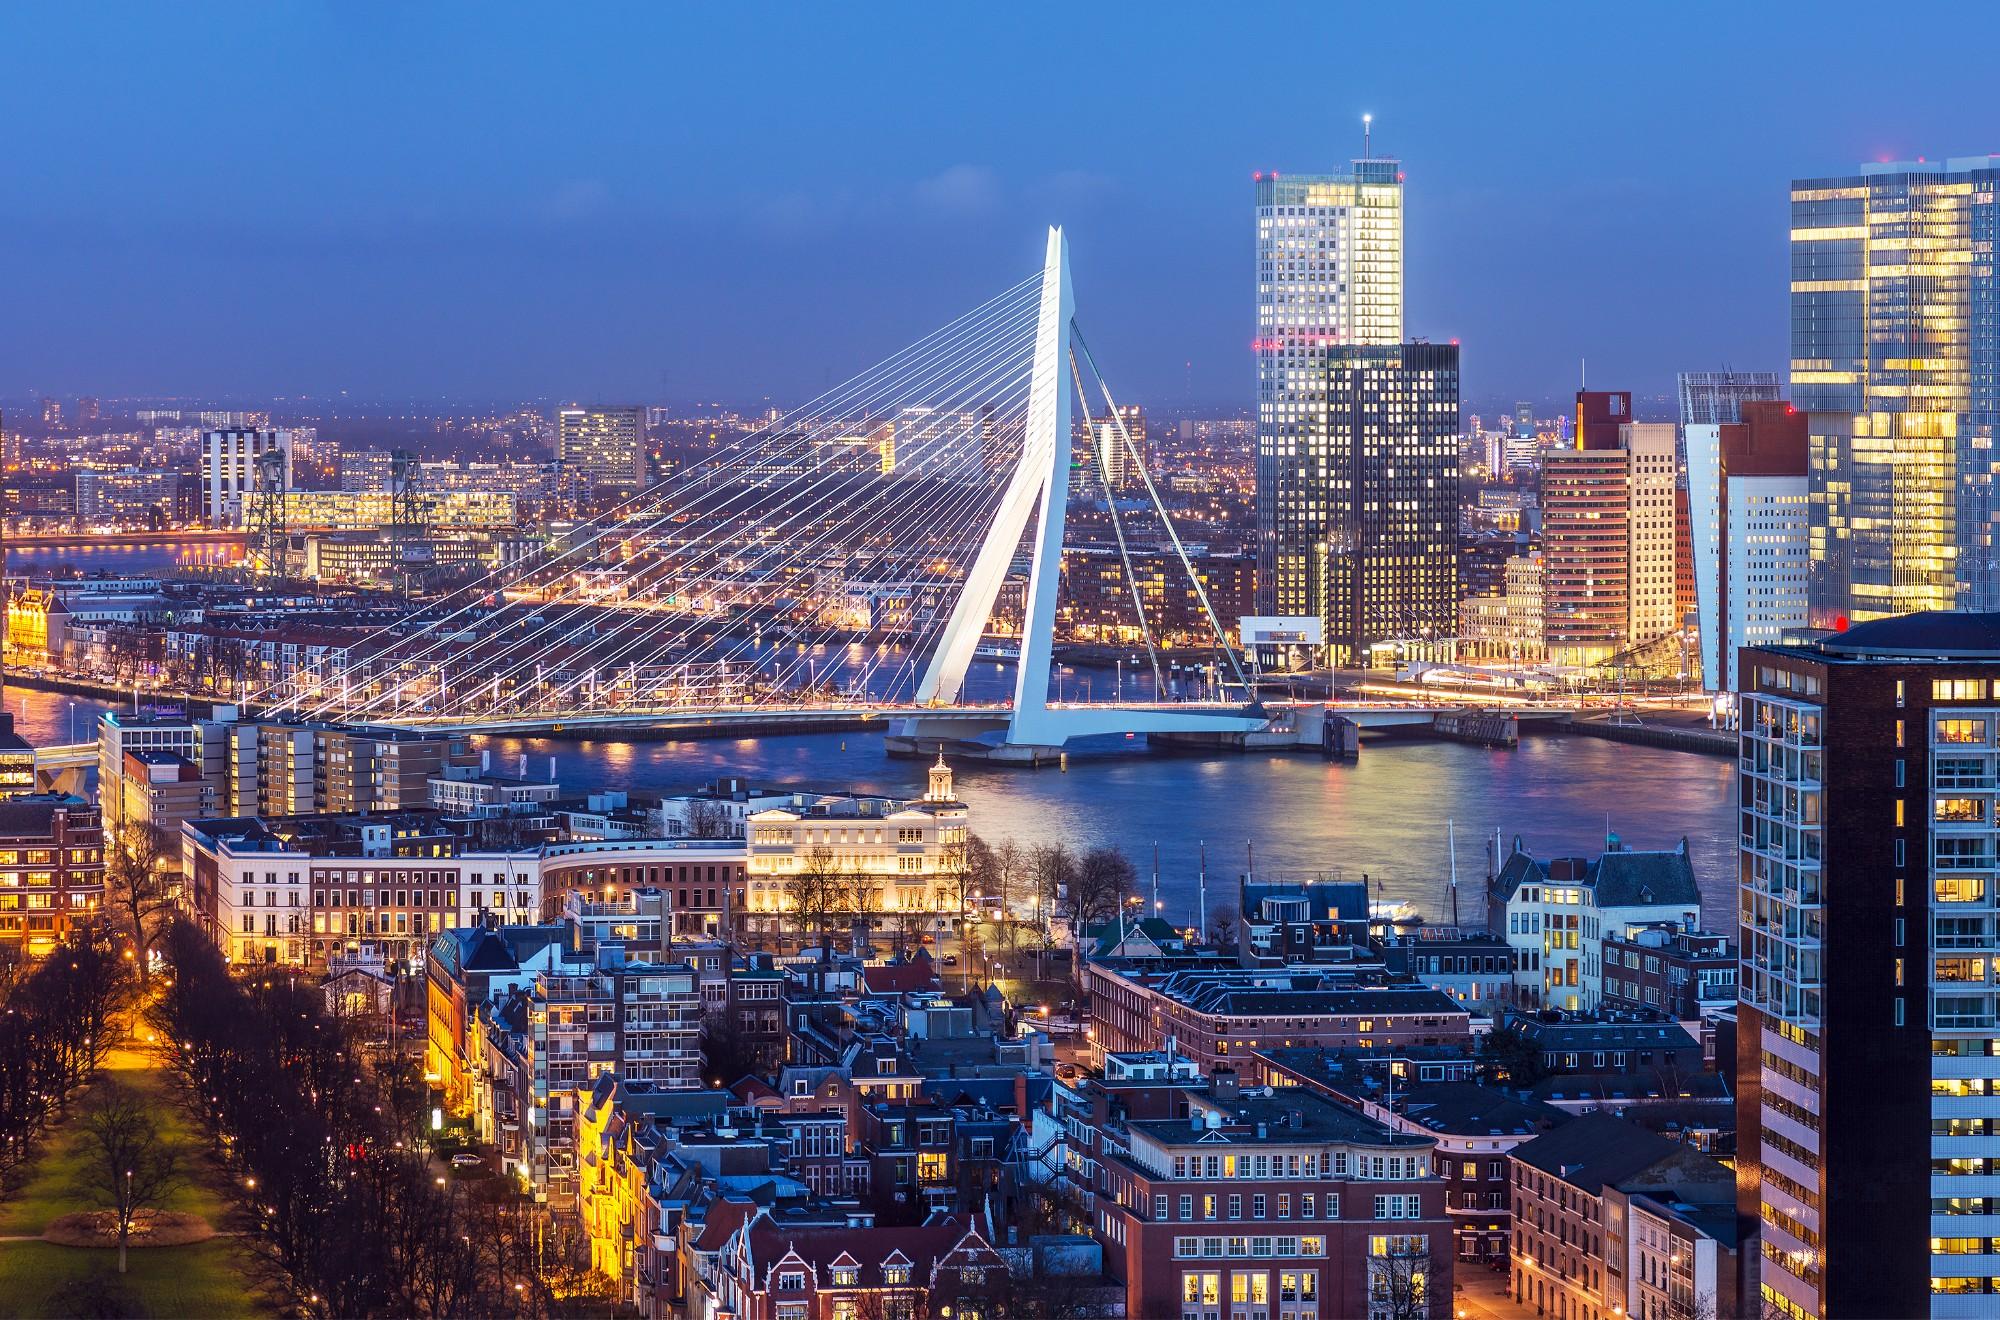 ヨーロッパ初の大規模水素ハブを目指すロッテルダム港